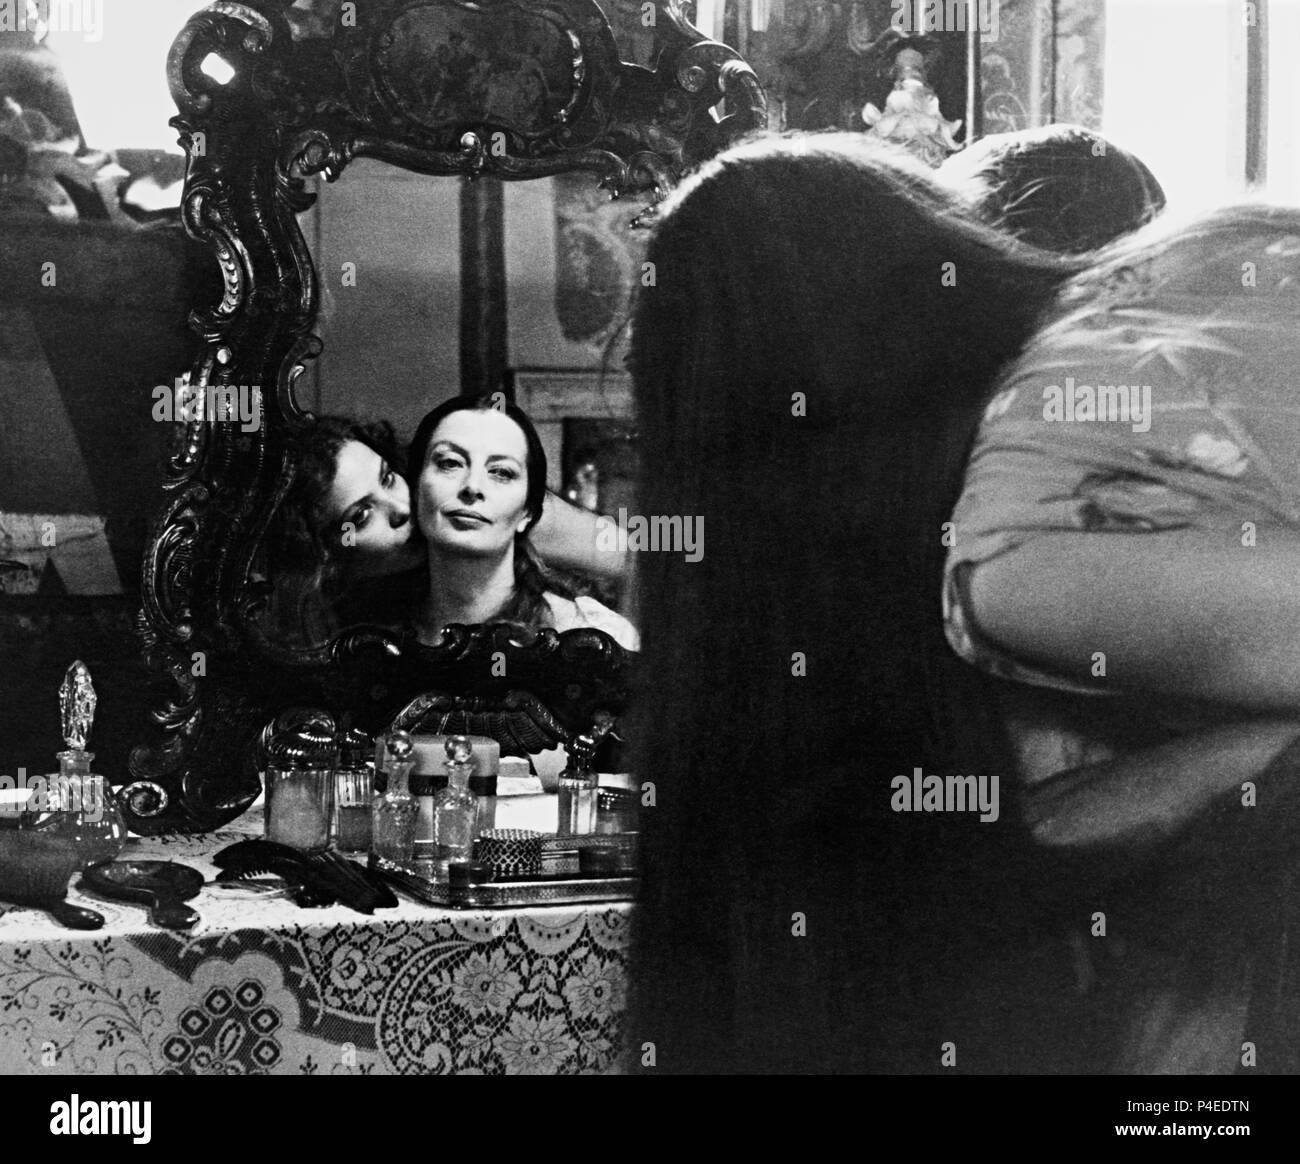 Original Film Title: RITRATTO DI BORGHESIA IN NERO.  English Title: NEST OF VIPERS.  Film Director: TONINO CERVI.  Year: 1978.  Stars: ORNELLA MUTI; CAPUCINE. Credit: MARS FILMS / Album - Stock Image